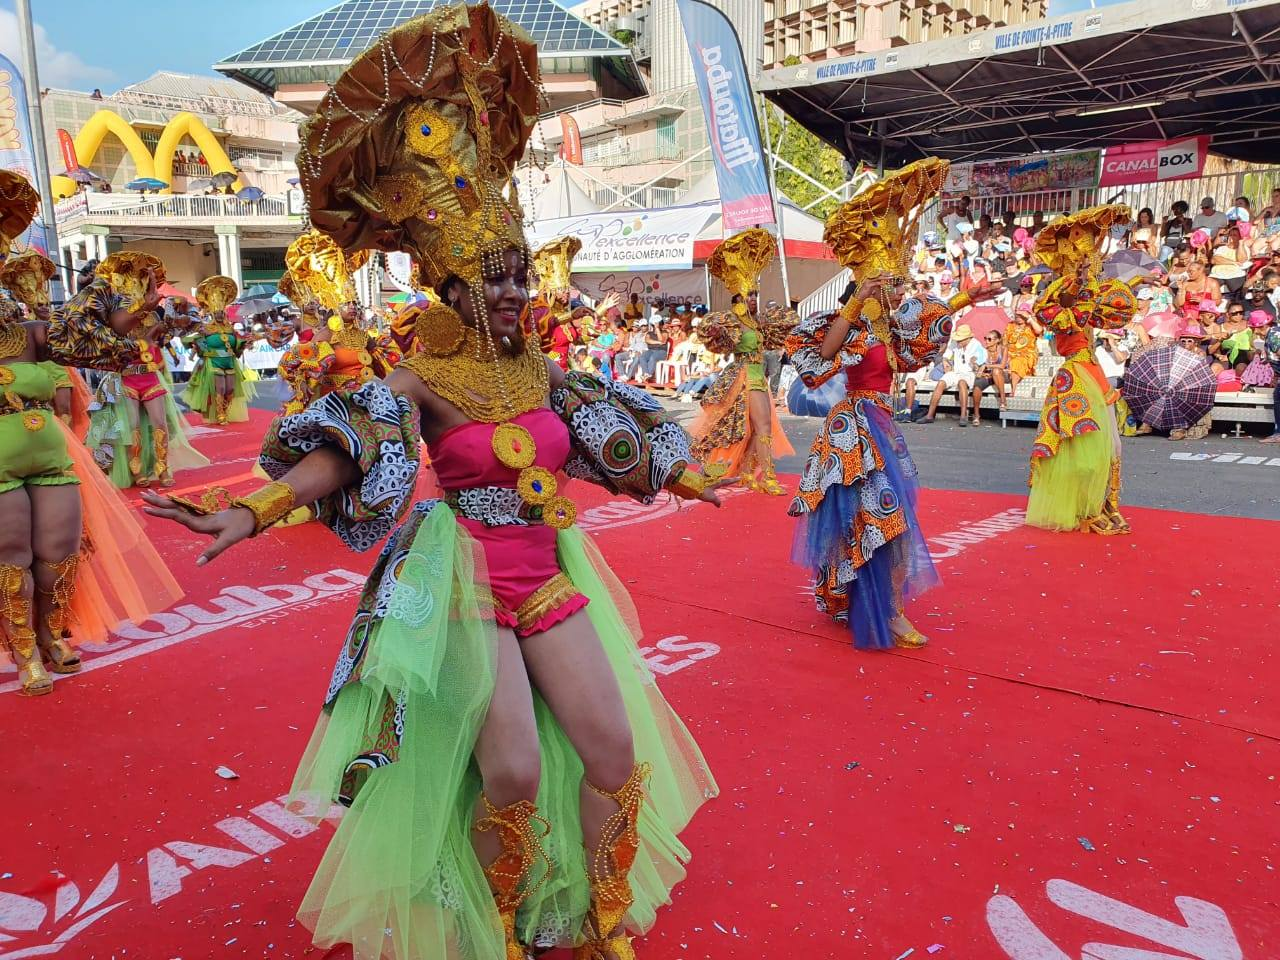 Une chaîne TV éphémère pour suivre le carnaval